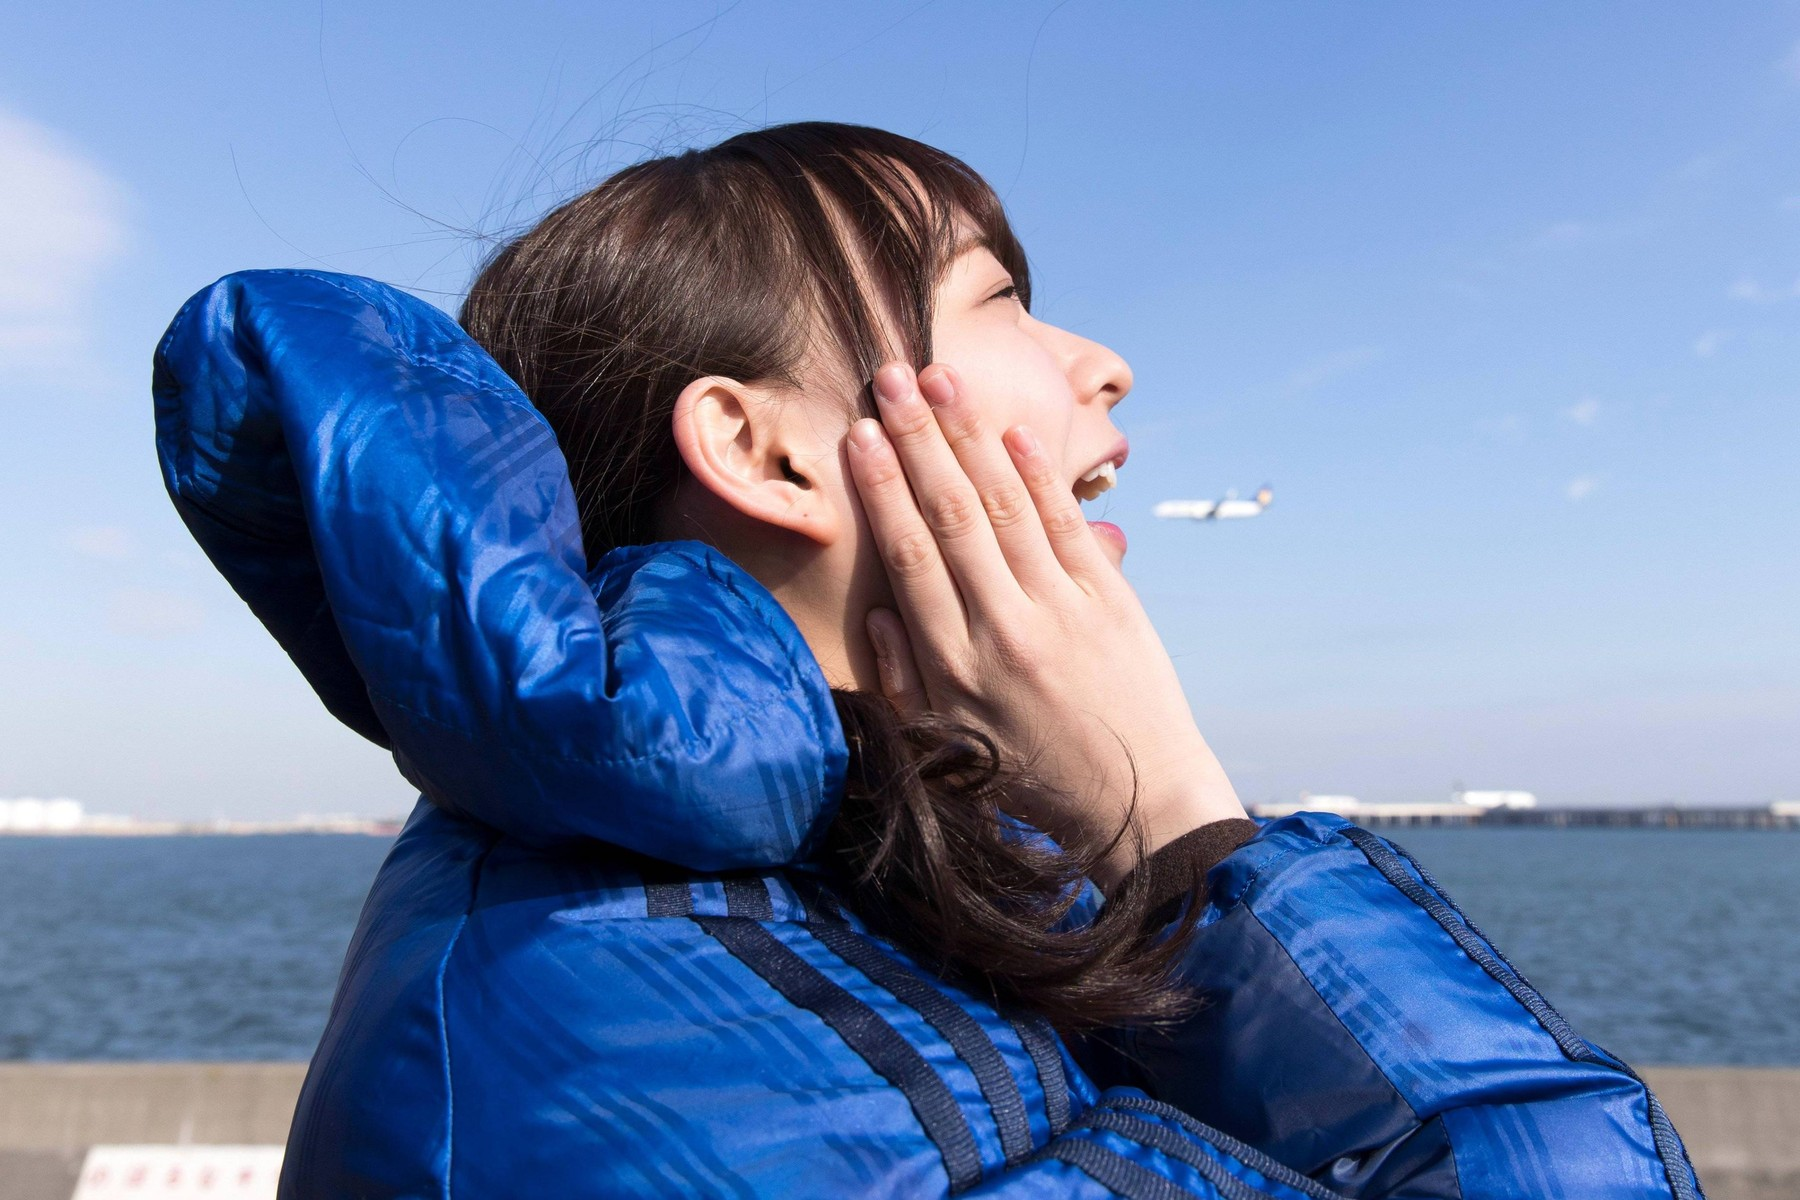 【エンタメ画像】【乃木坂46】鈴木絢音『1月21日放送、車あるんですけど。?』飛行機を食べる絢音ちゃんがかわいいwww